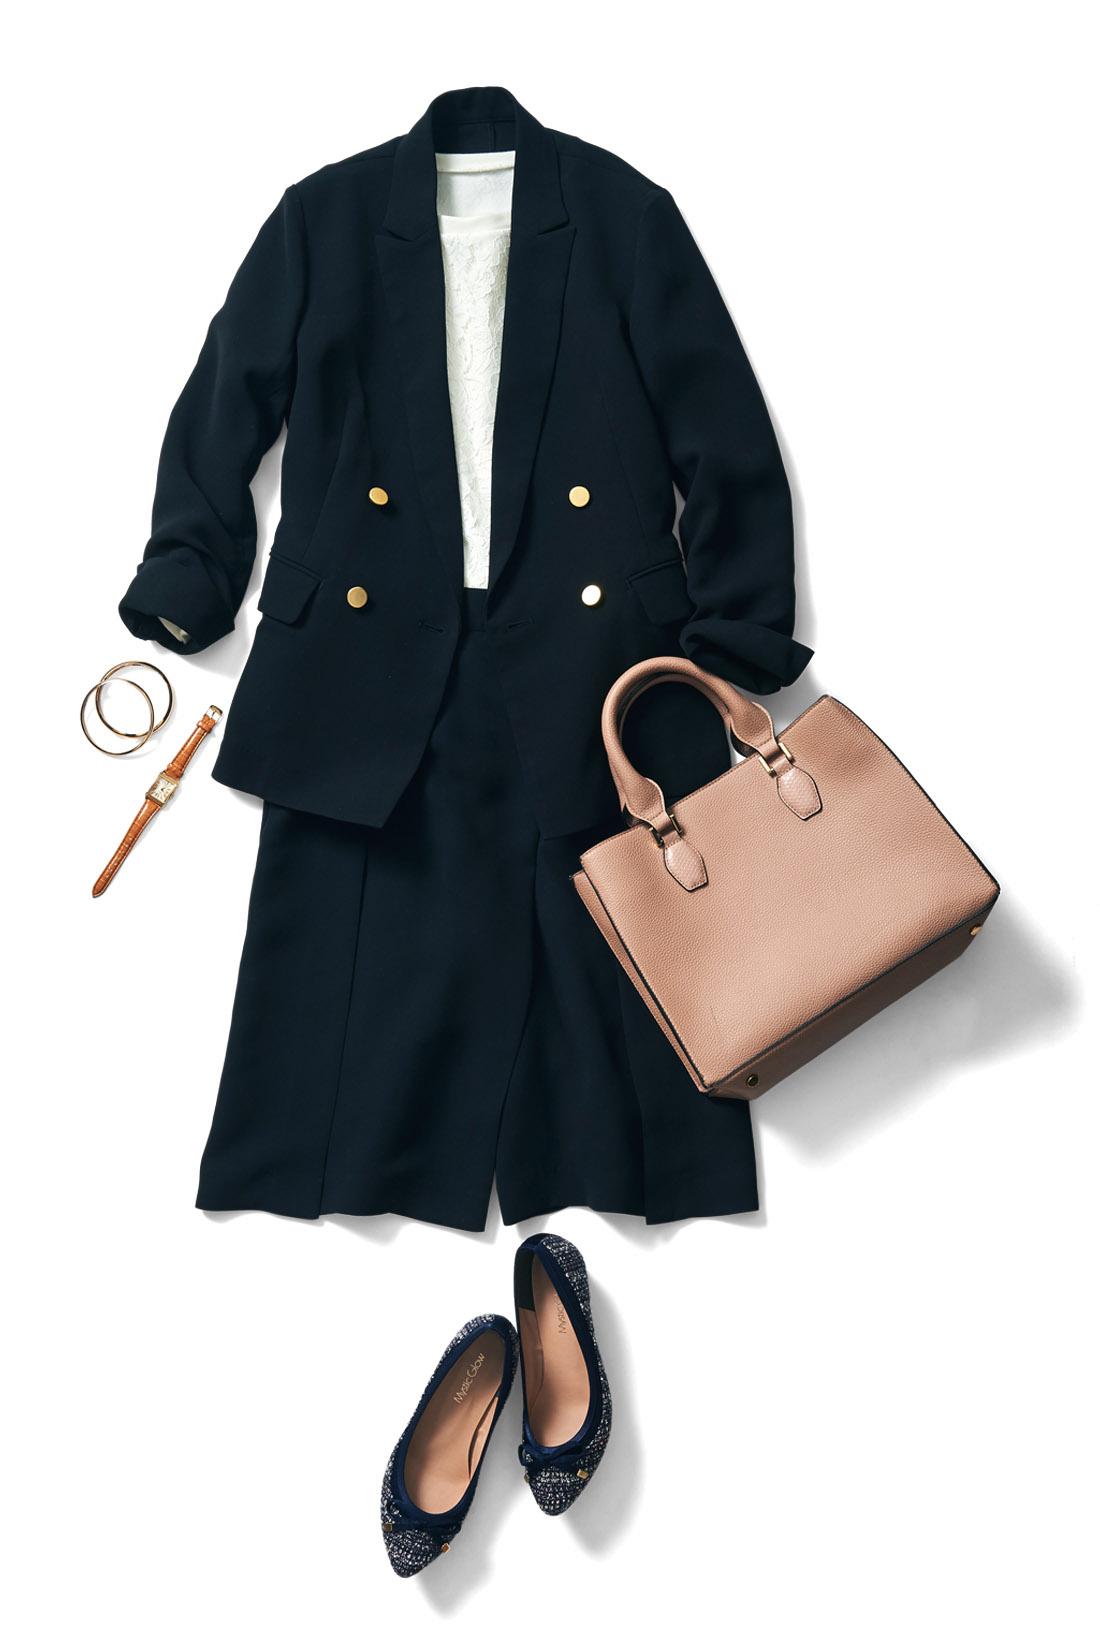 同素材のジャケットと合わせて、上品なスーツスタイルに。